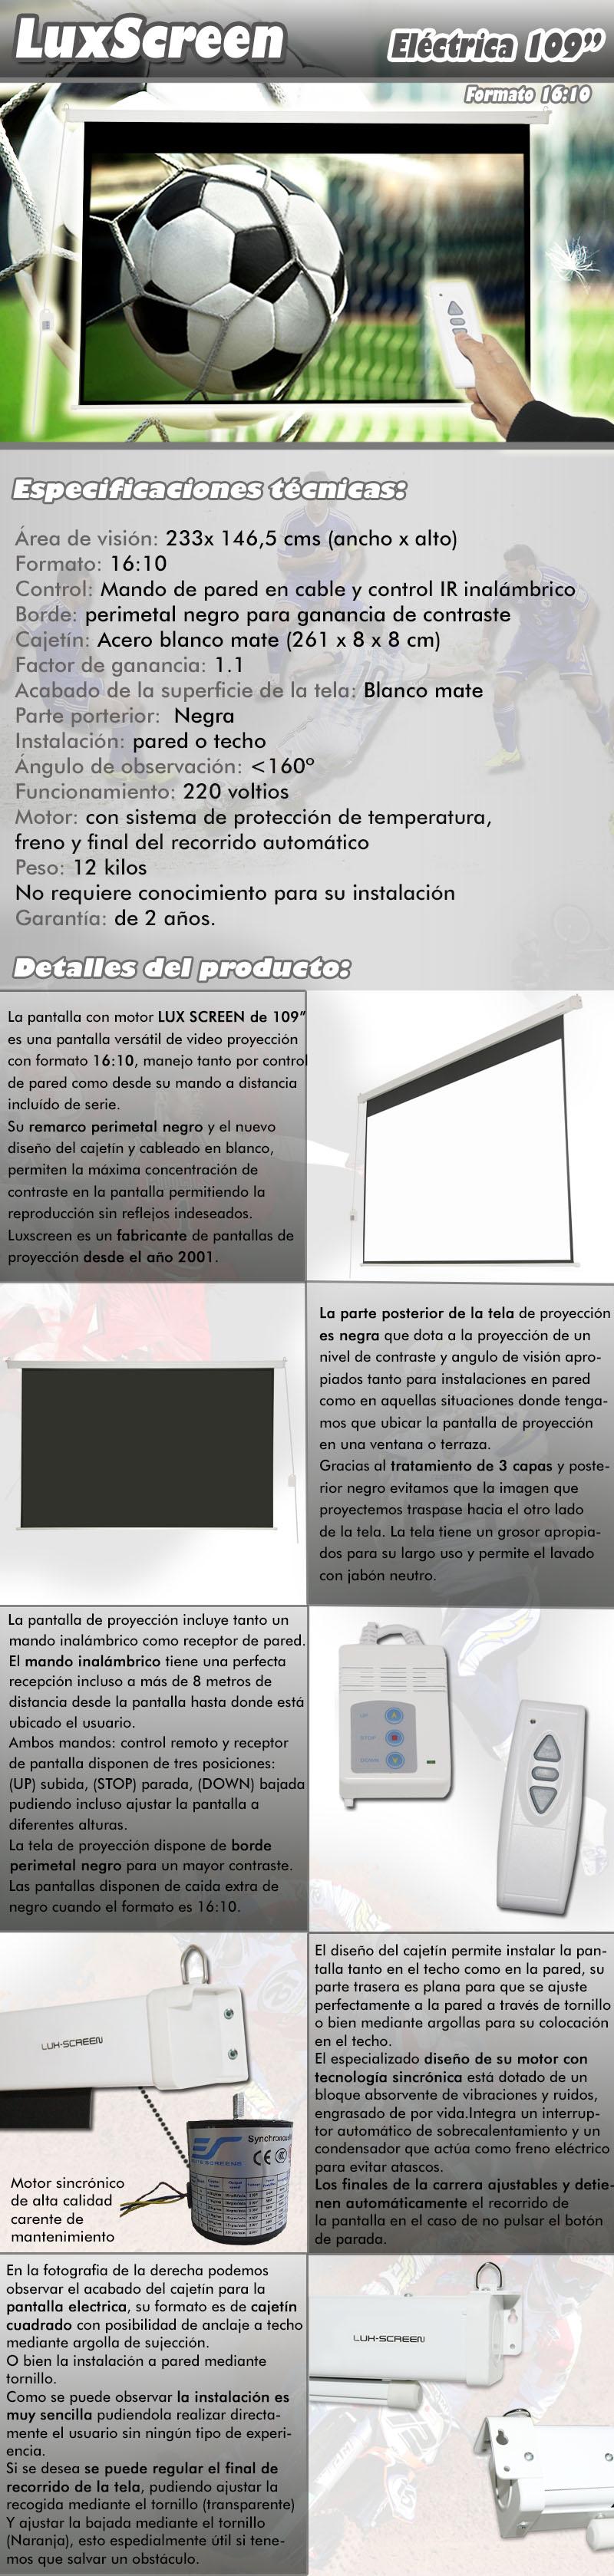 pantalla electrica de 109 pulgadas 16:10 2,33 x 1,46 metros, dispone de parte trasera negra, borde perimetal negro para una mayor concentracion de contraste, ganancia de brillo 1:1, ideal para proyectores formato 1280x800 pixels